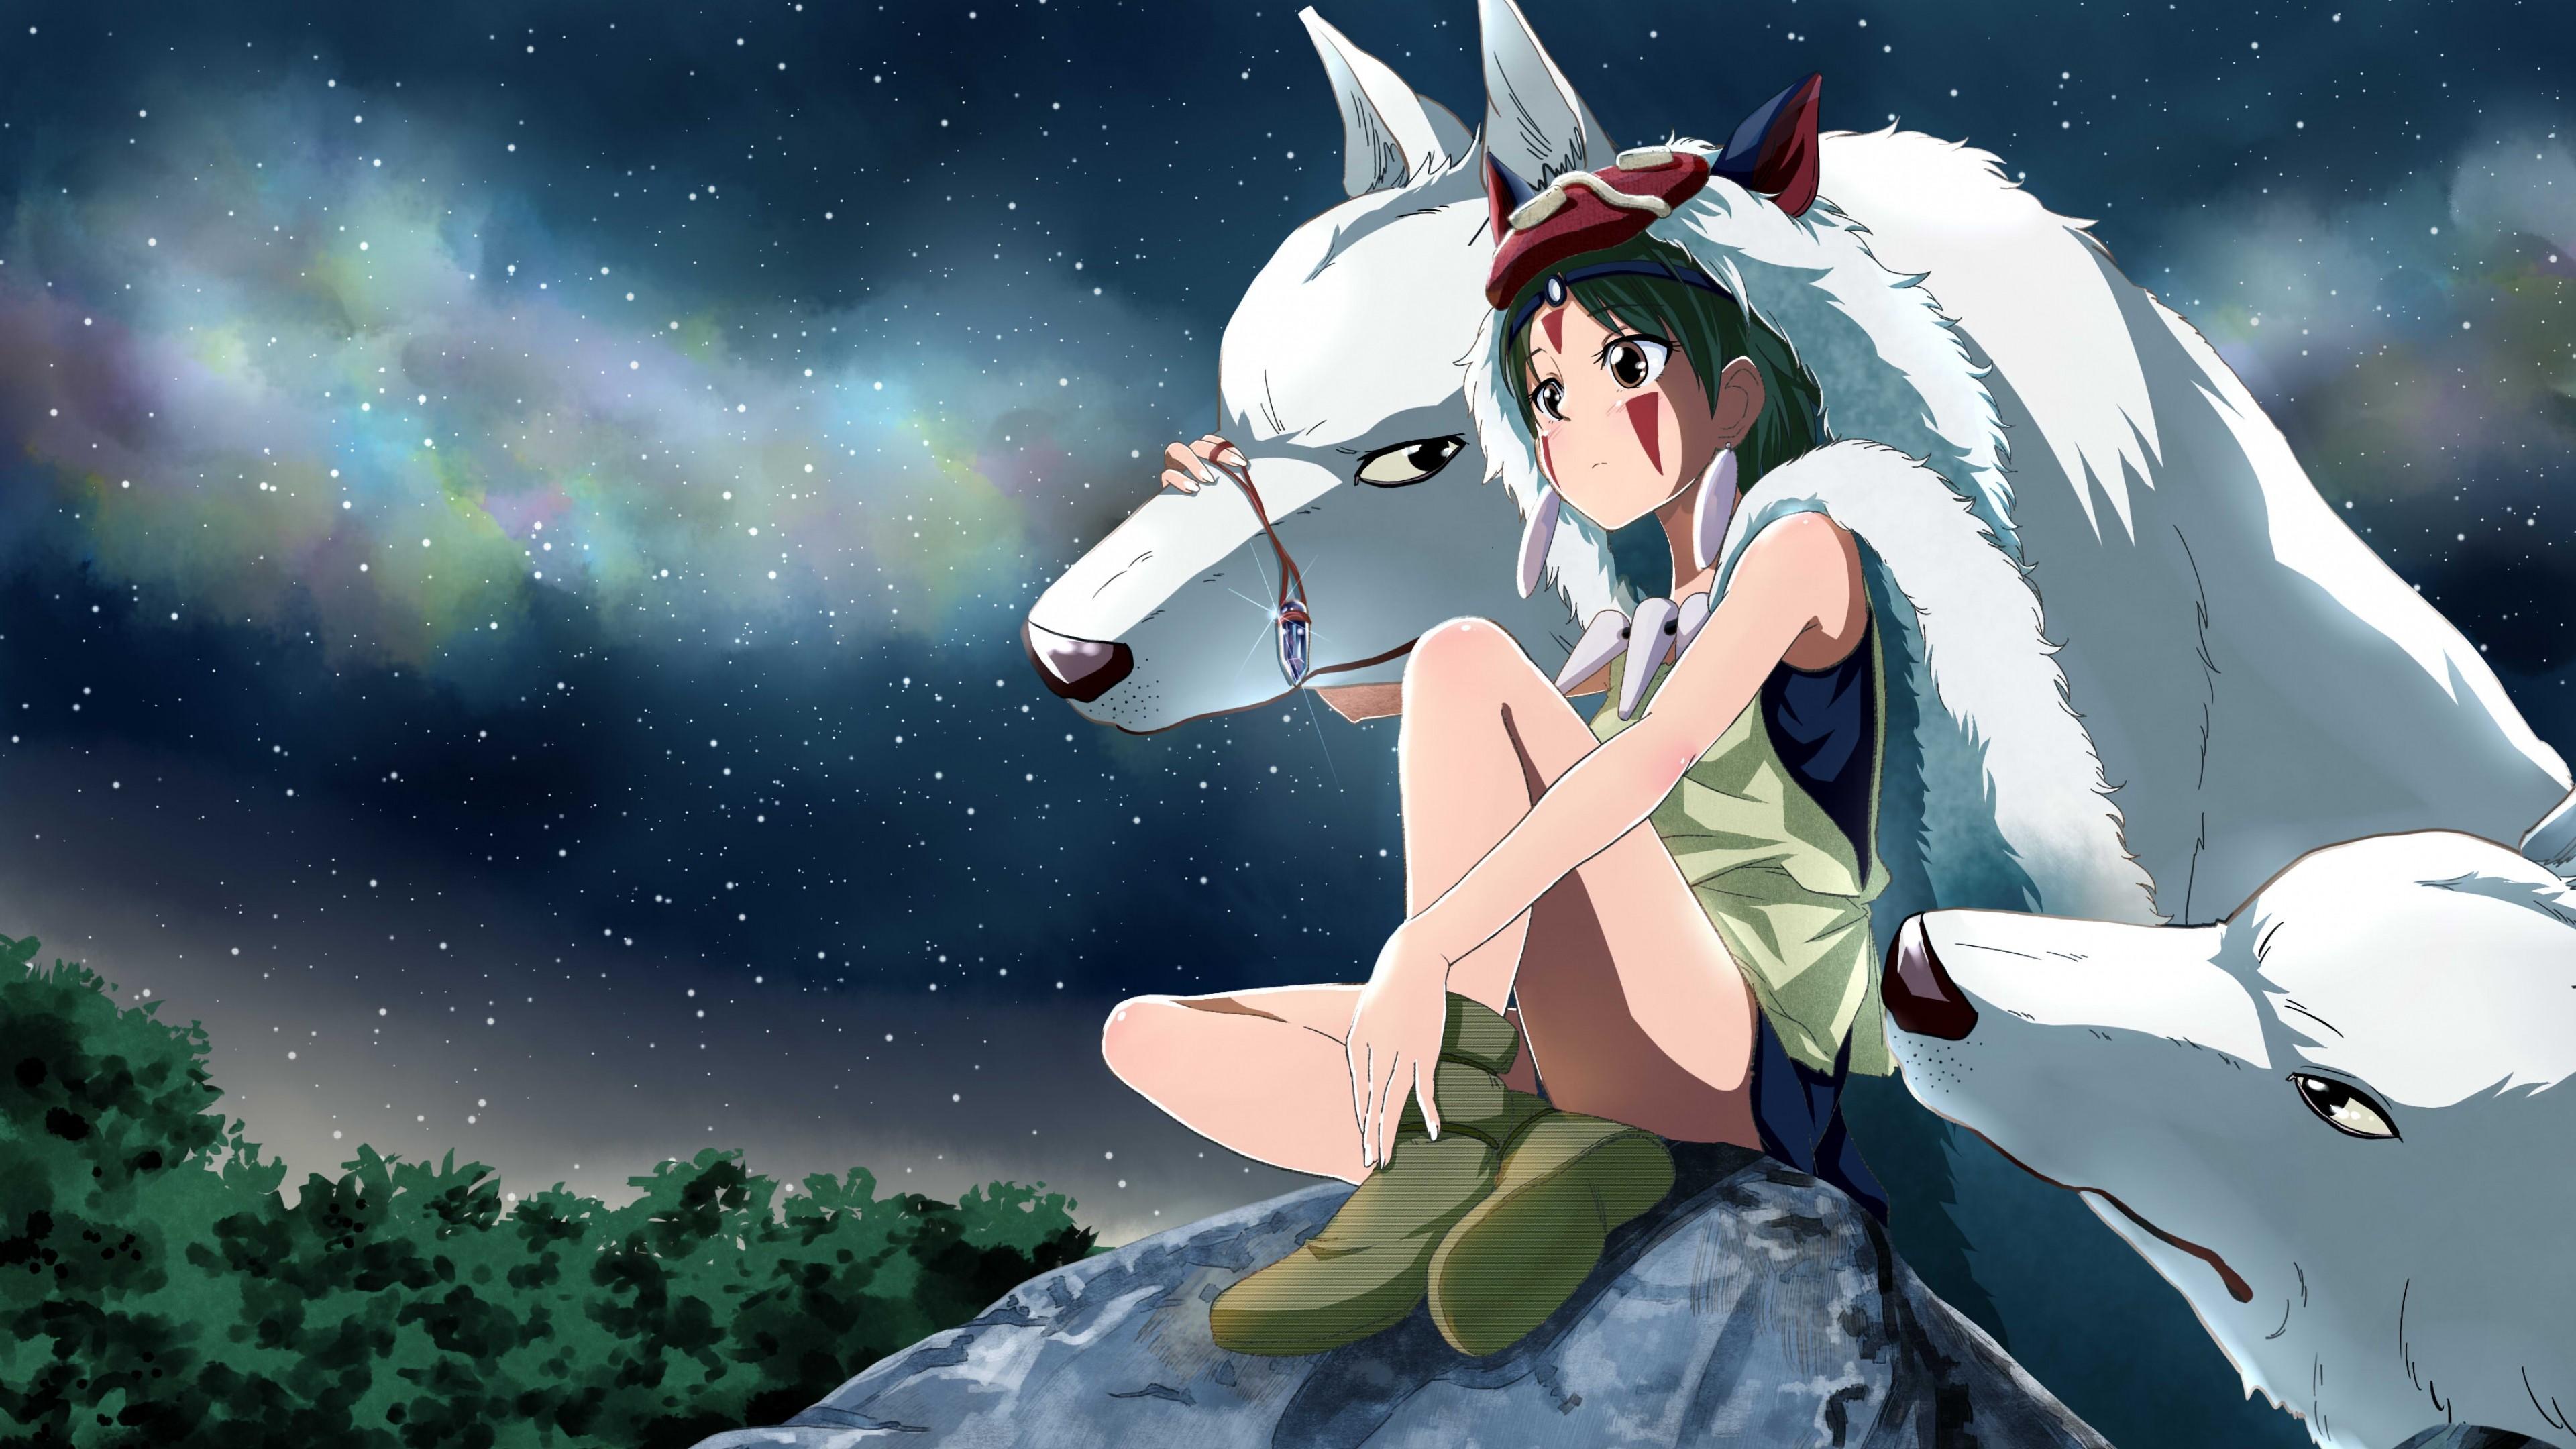 X Preview Wallpaper Princess Mononoke Hayao Miyazaki Wolf X